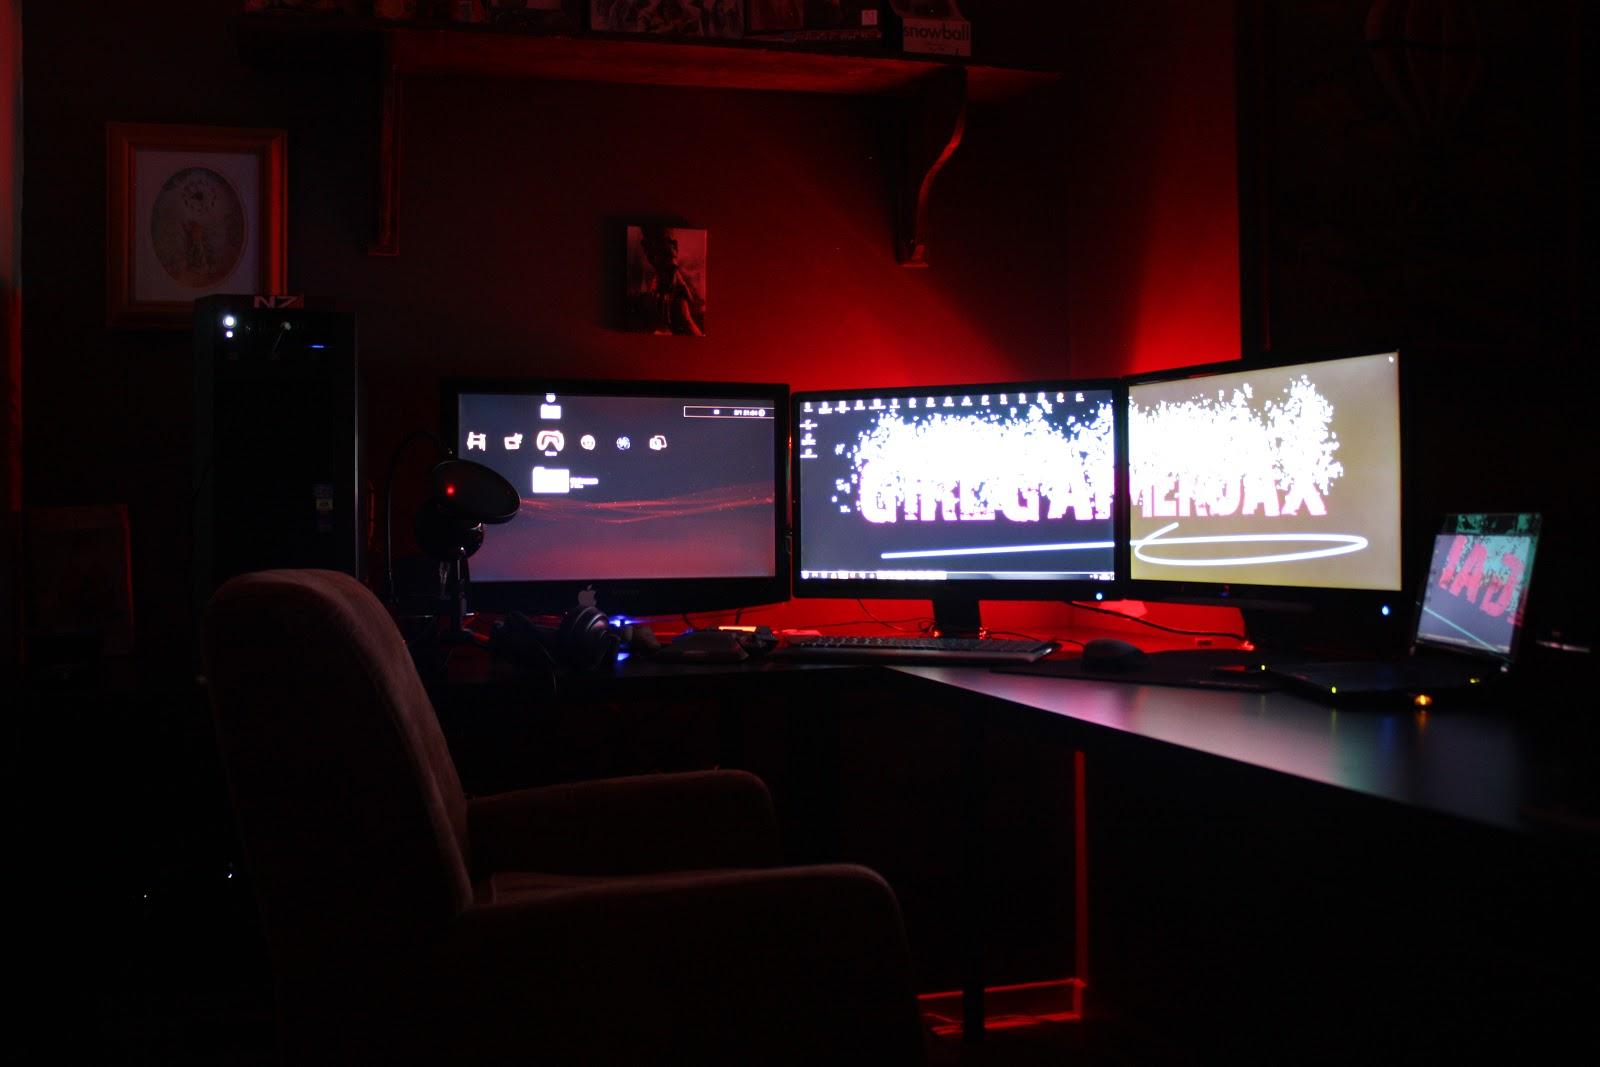 My Gaming Setup